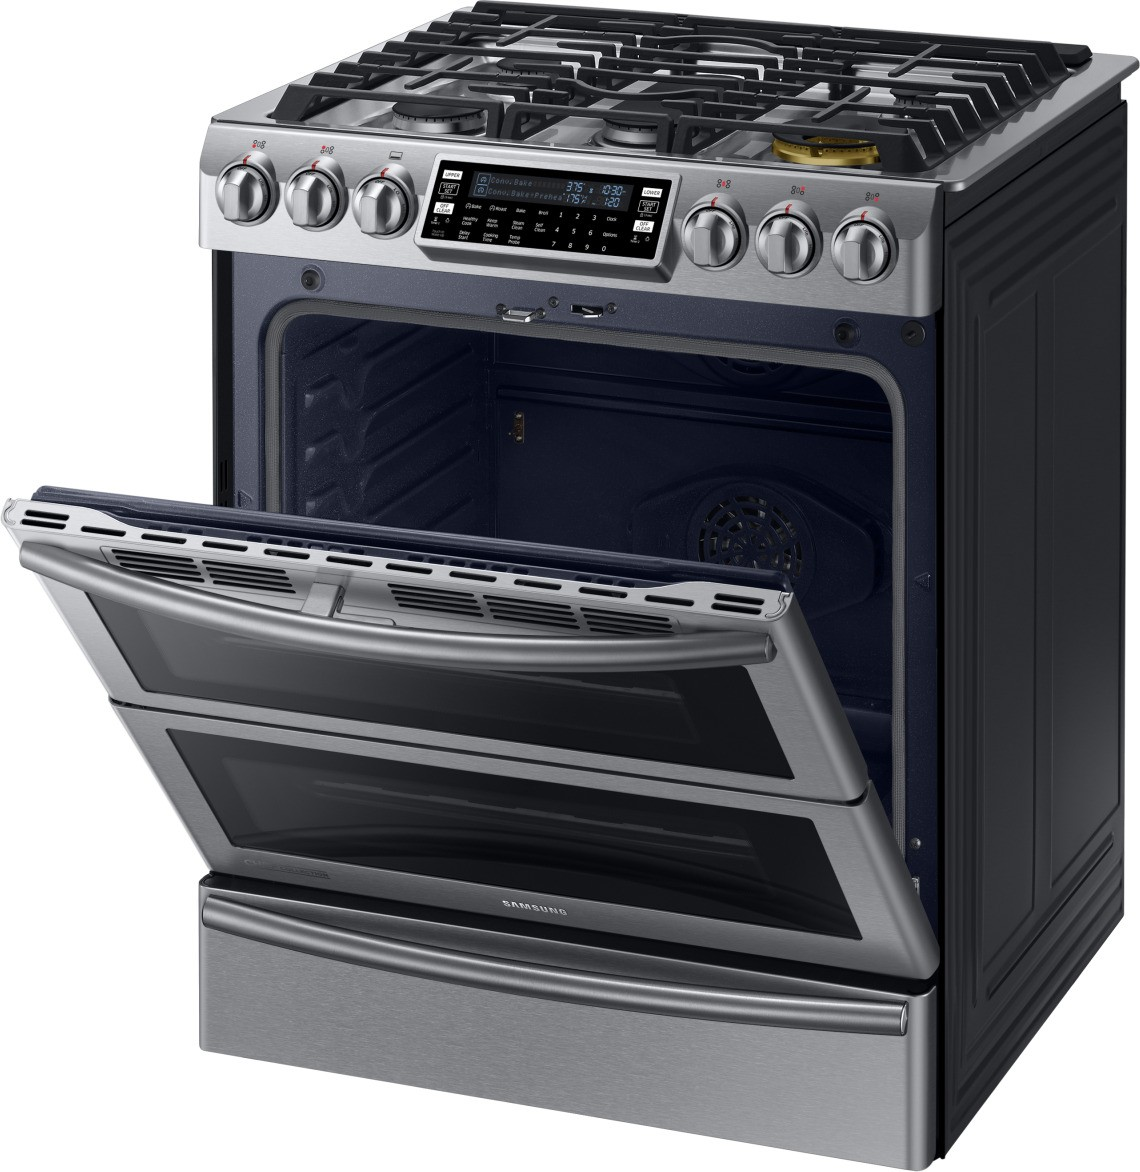 DGi Appliance Repair over repair